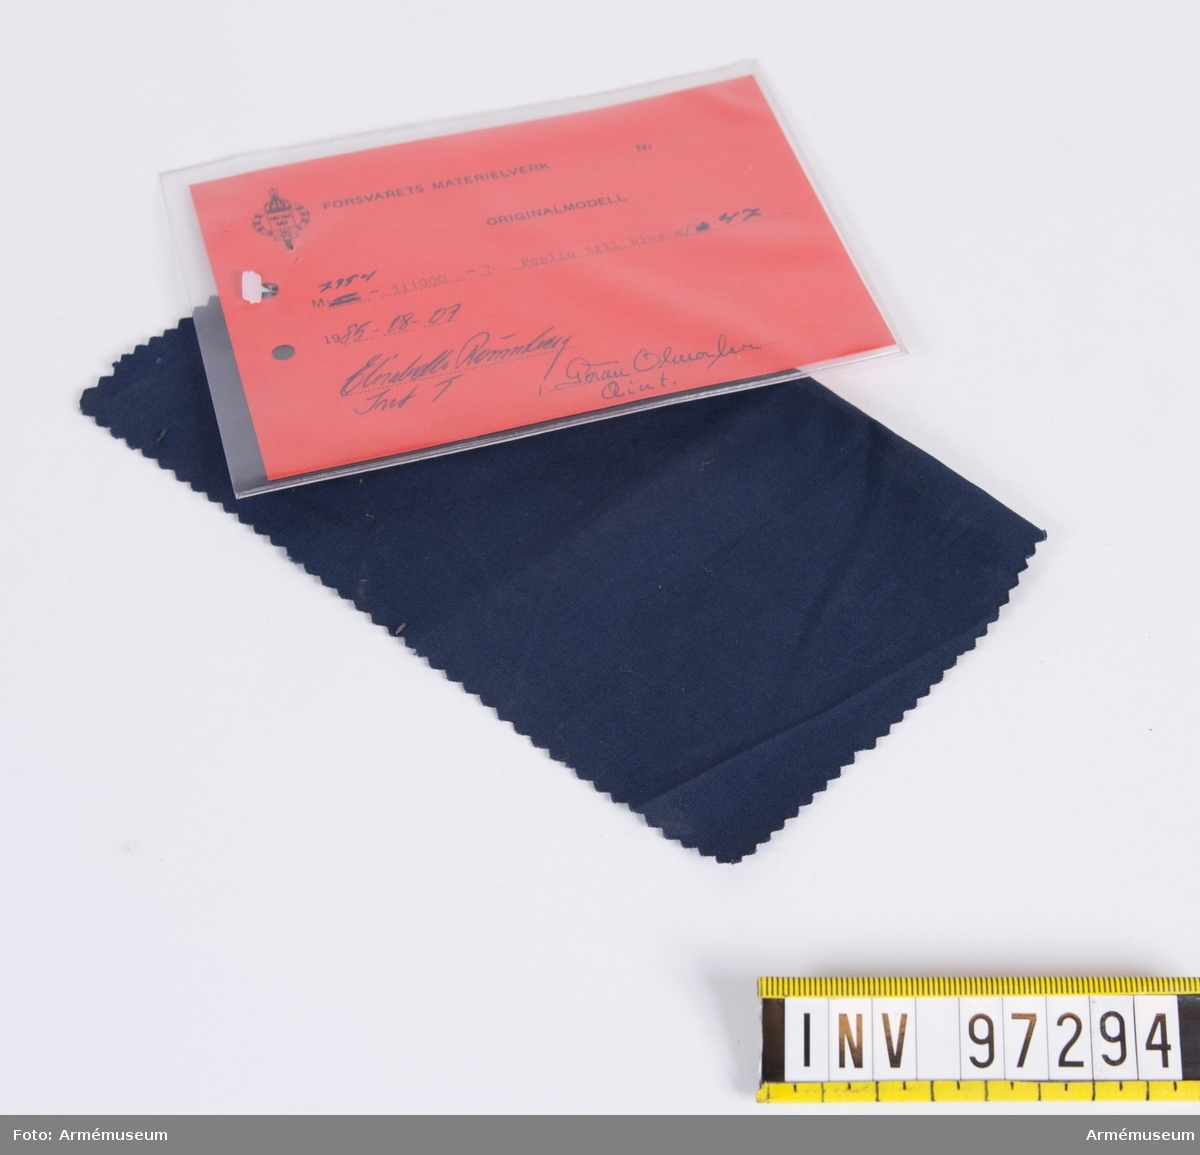 """Vidhängande modellapp med text: """"Försvarets materielverk. Originalmodell. M 7354-311000-7. Poplin till blus m/47 1985-08-07. Elisabeth Rönnberg IntT, Göran Olmarker QInt."""""""